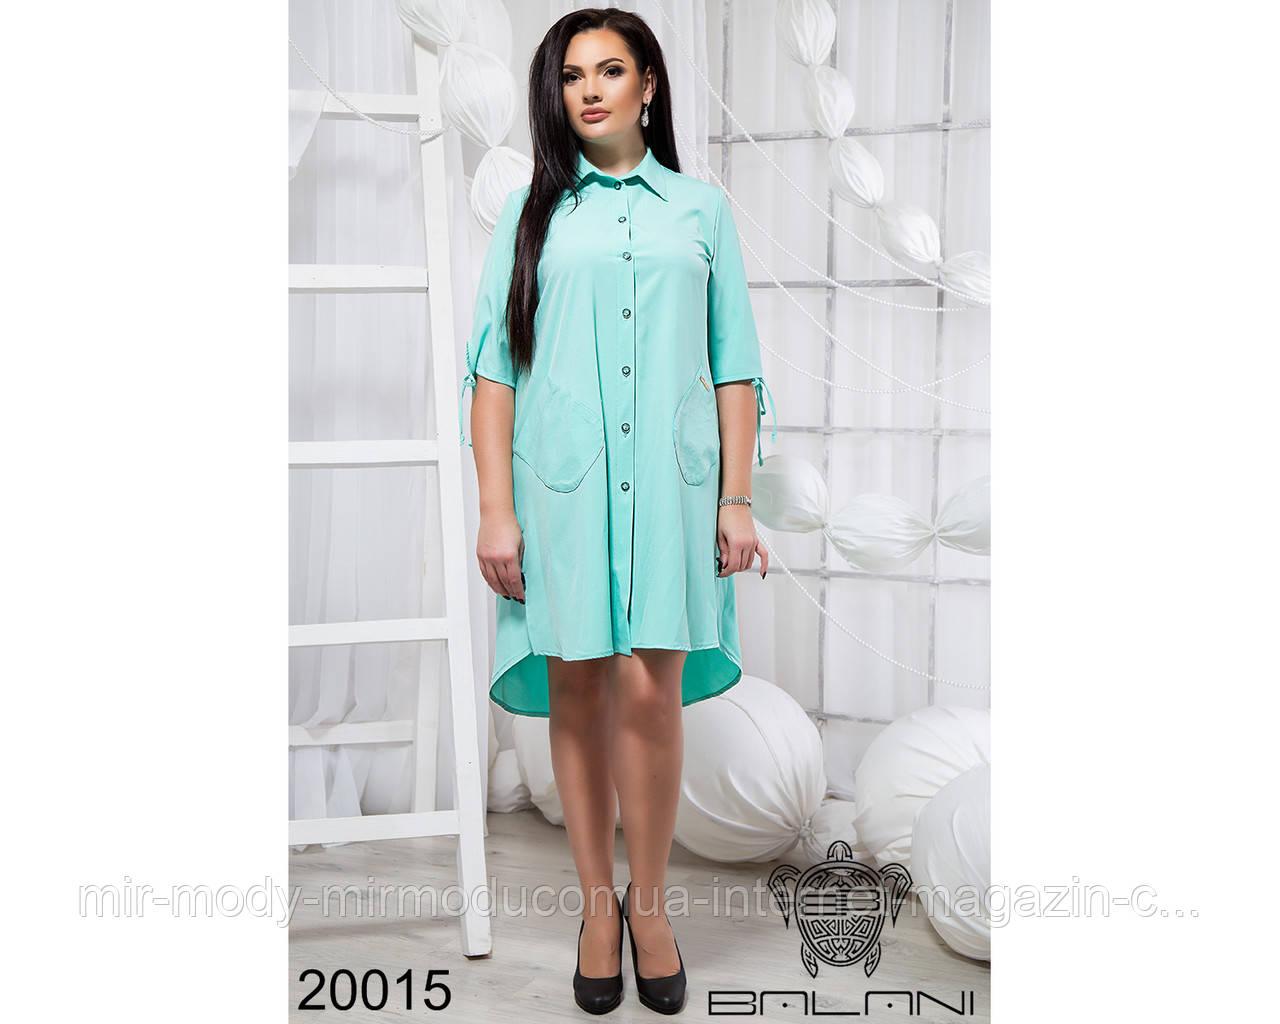 Стильное платье с открытыми плечами - 20015 с 48 по 56 размер бн